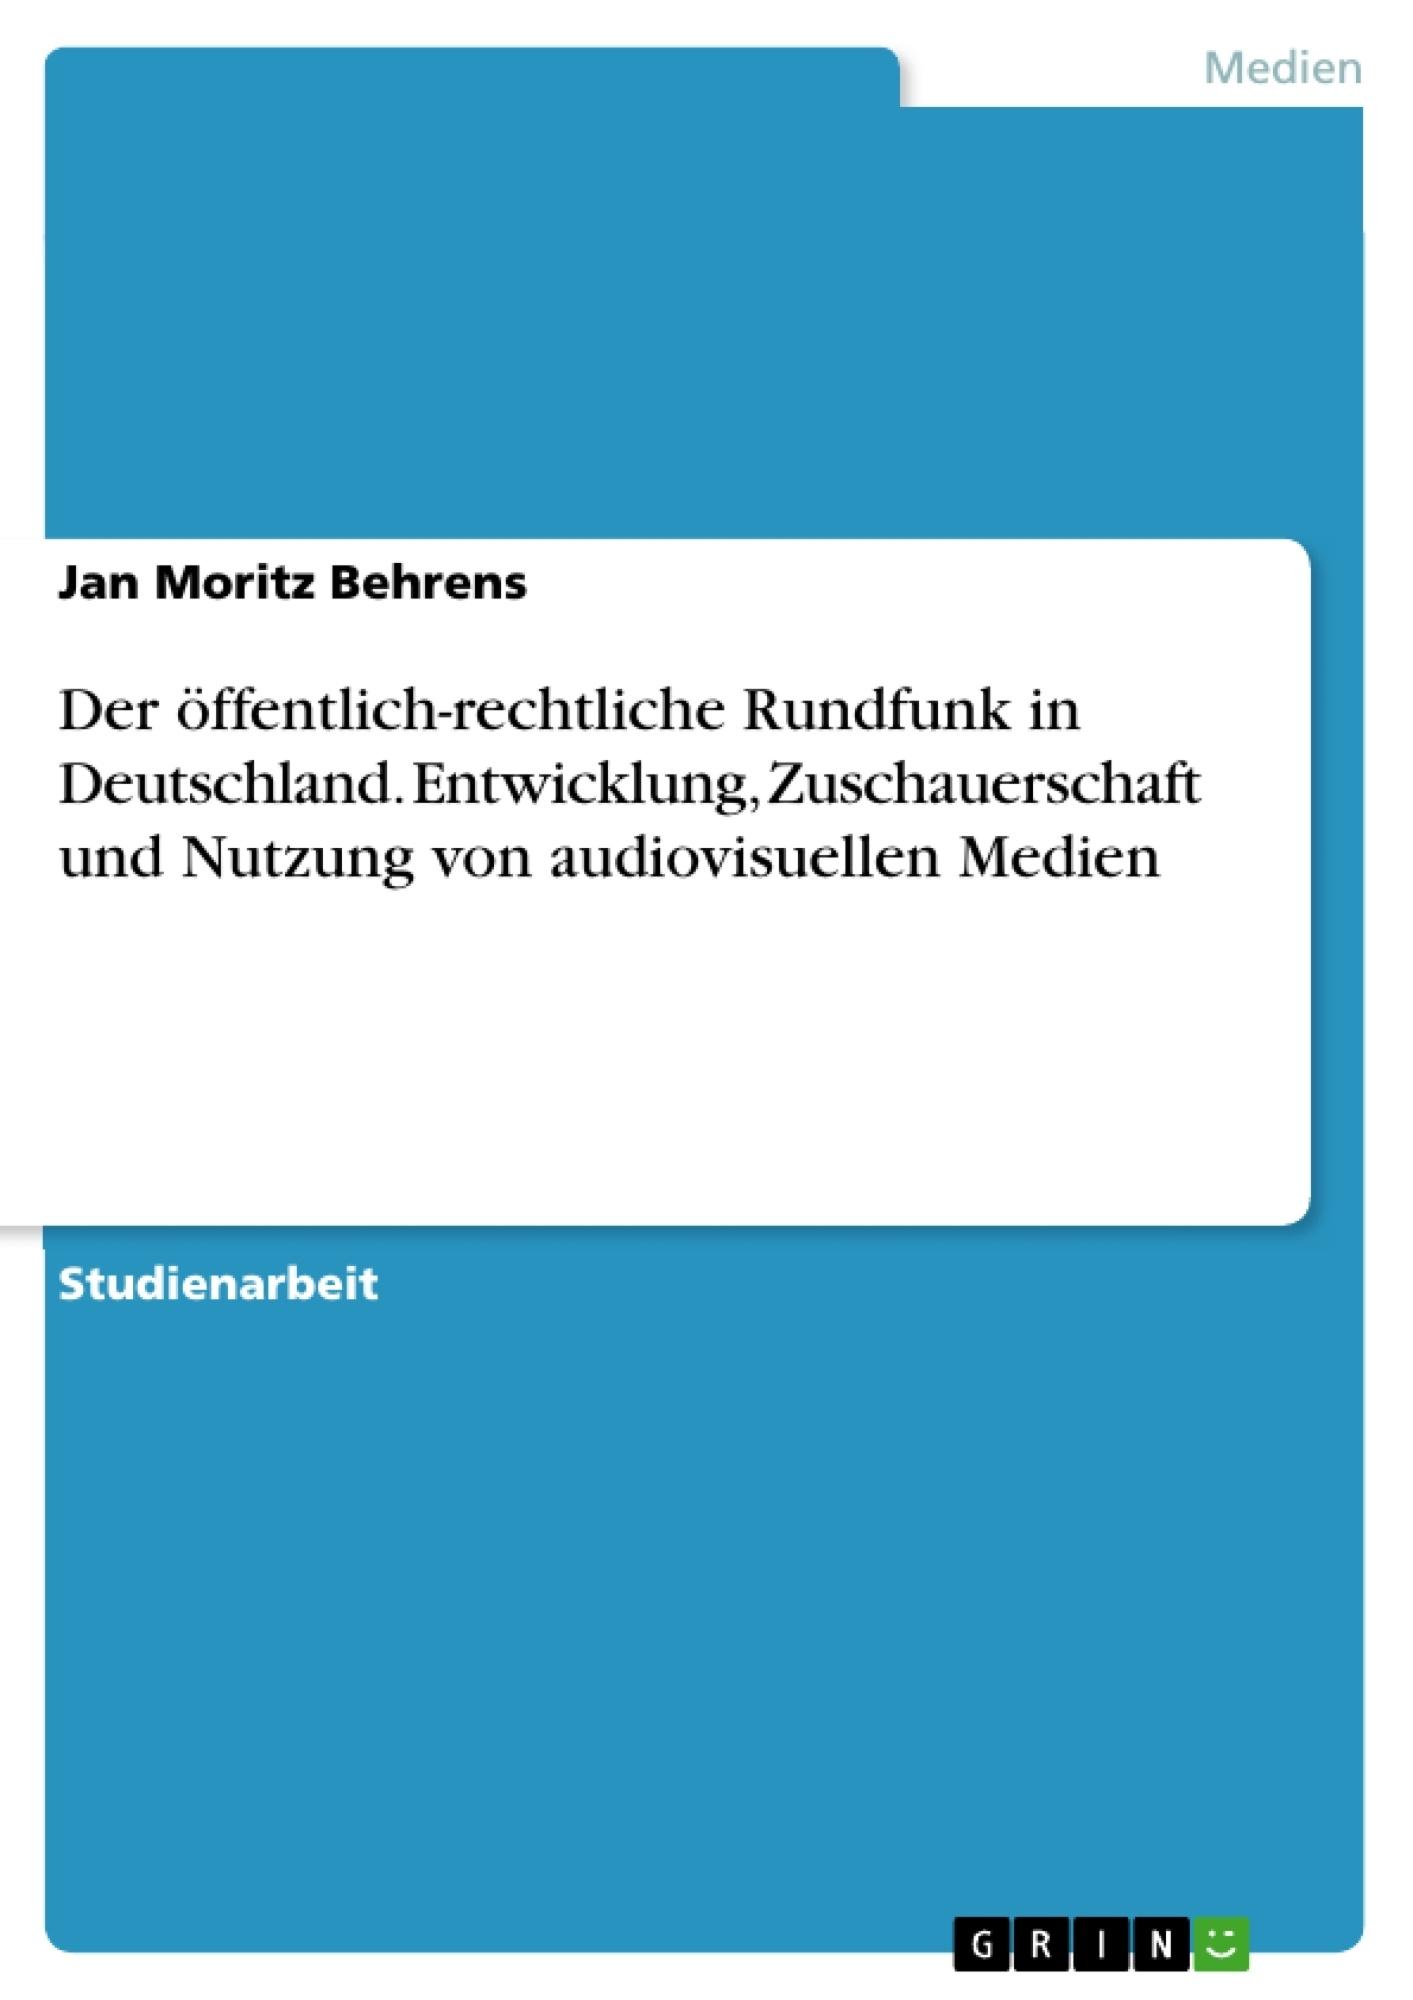 Titel: Der öffentlich-rechtliche Rundfunk in Deutschland. Entwicklung, Zuschauerschaft und Nutzung von audiovisuellen Medien